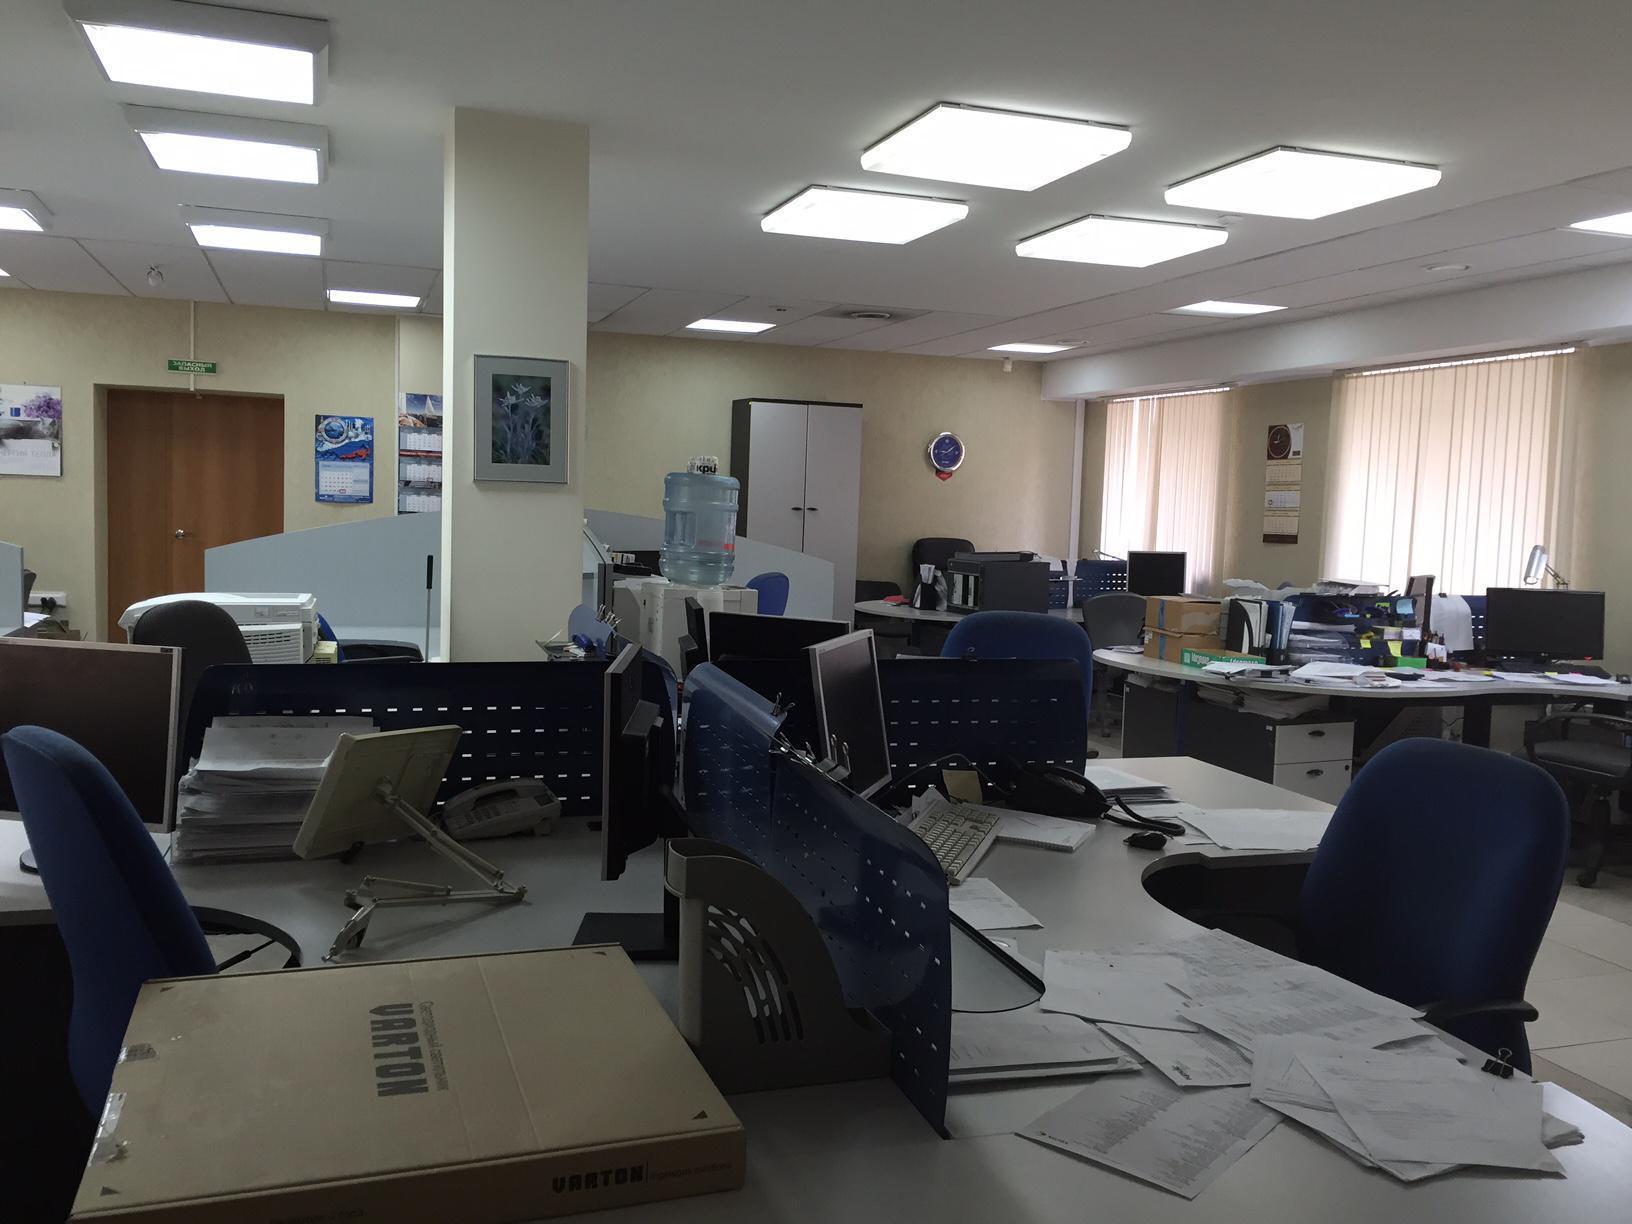 Аренда офисов под малый бизнес аренда офиса в волгограде красноармейский район